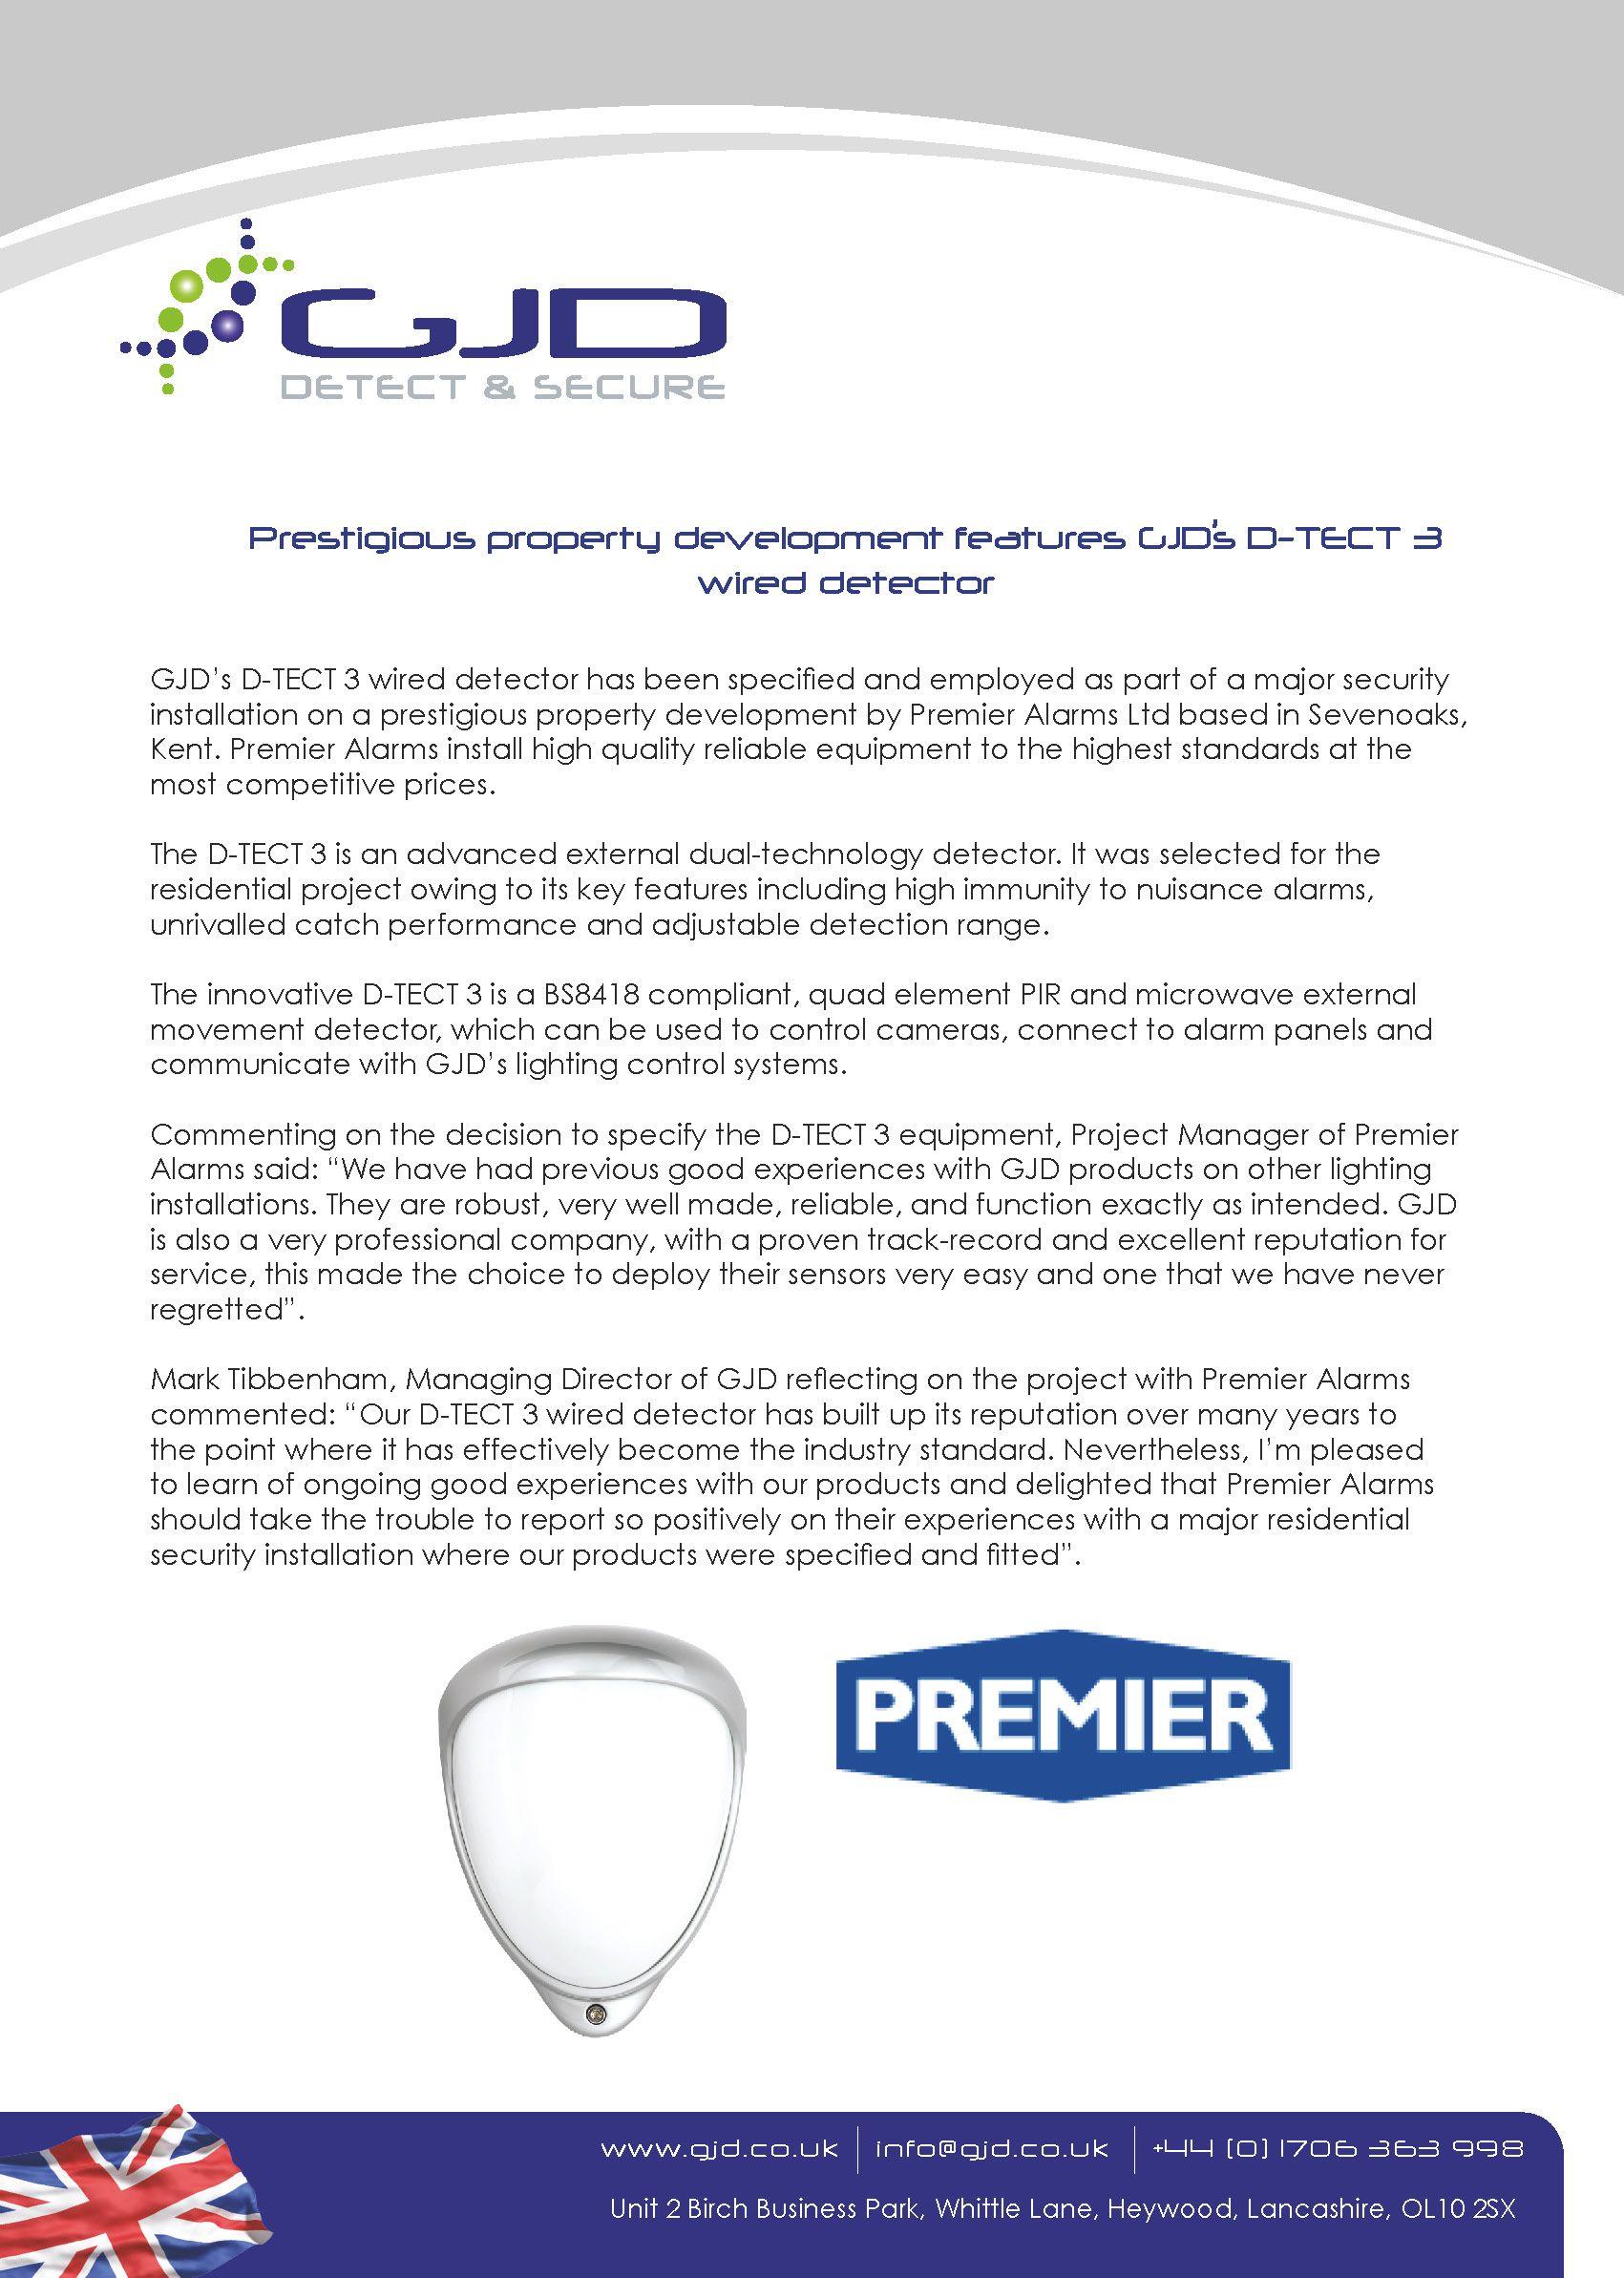 Prestigious property development features gjds d tect 3 wired prestigious property development features gjds d tect 3 wired detector asfbconference2016 Choice Image